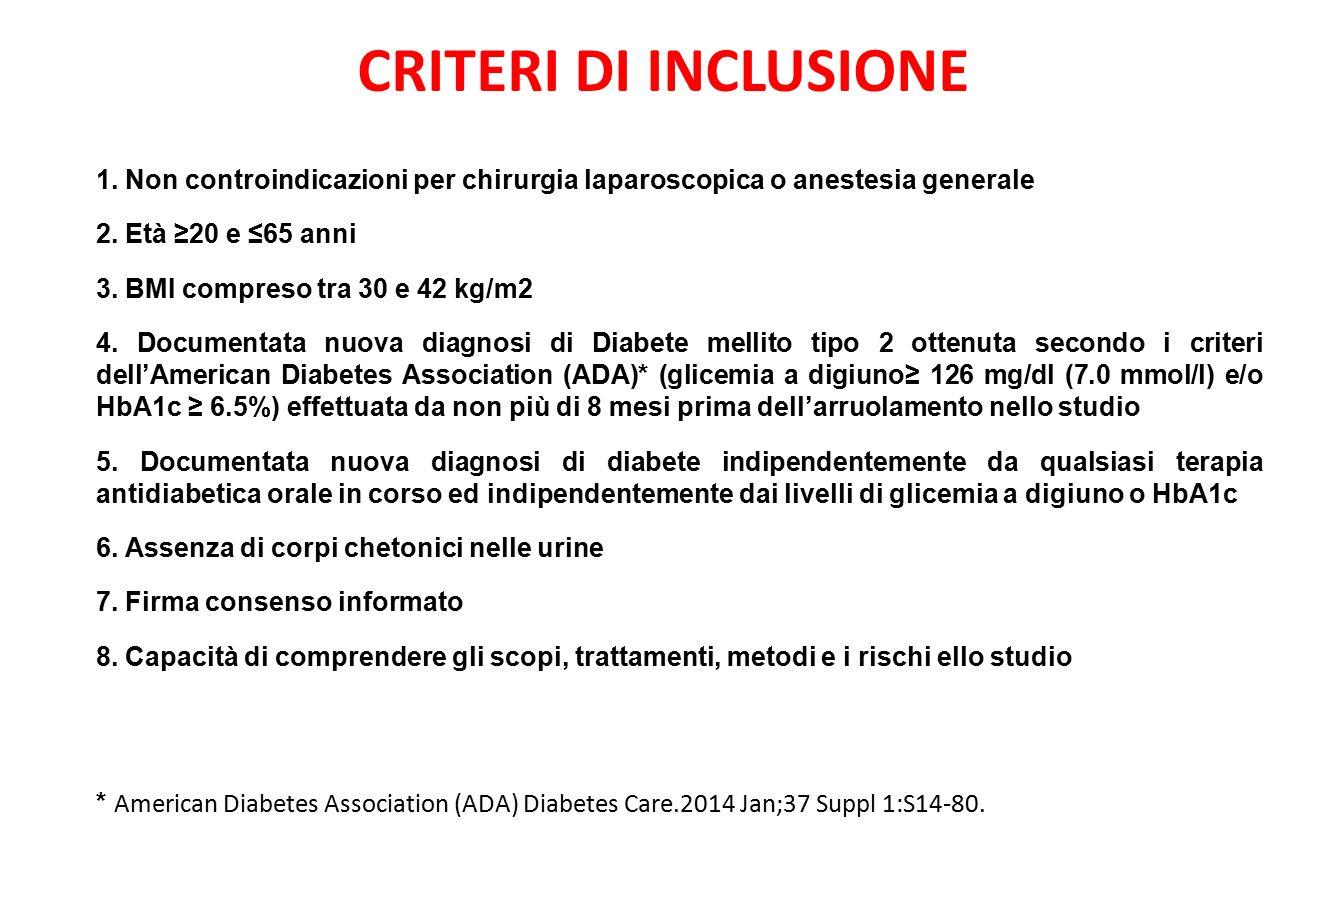 CRITERI DI INCLUSIONE 1.Non controindicazioni per chirurgia laparoscopica o anestesia generale 2.